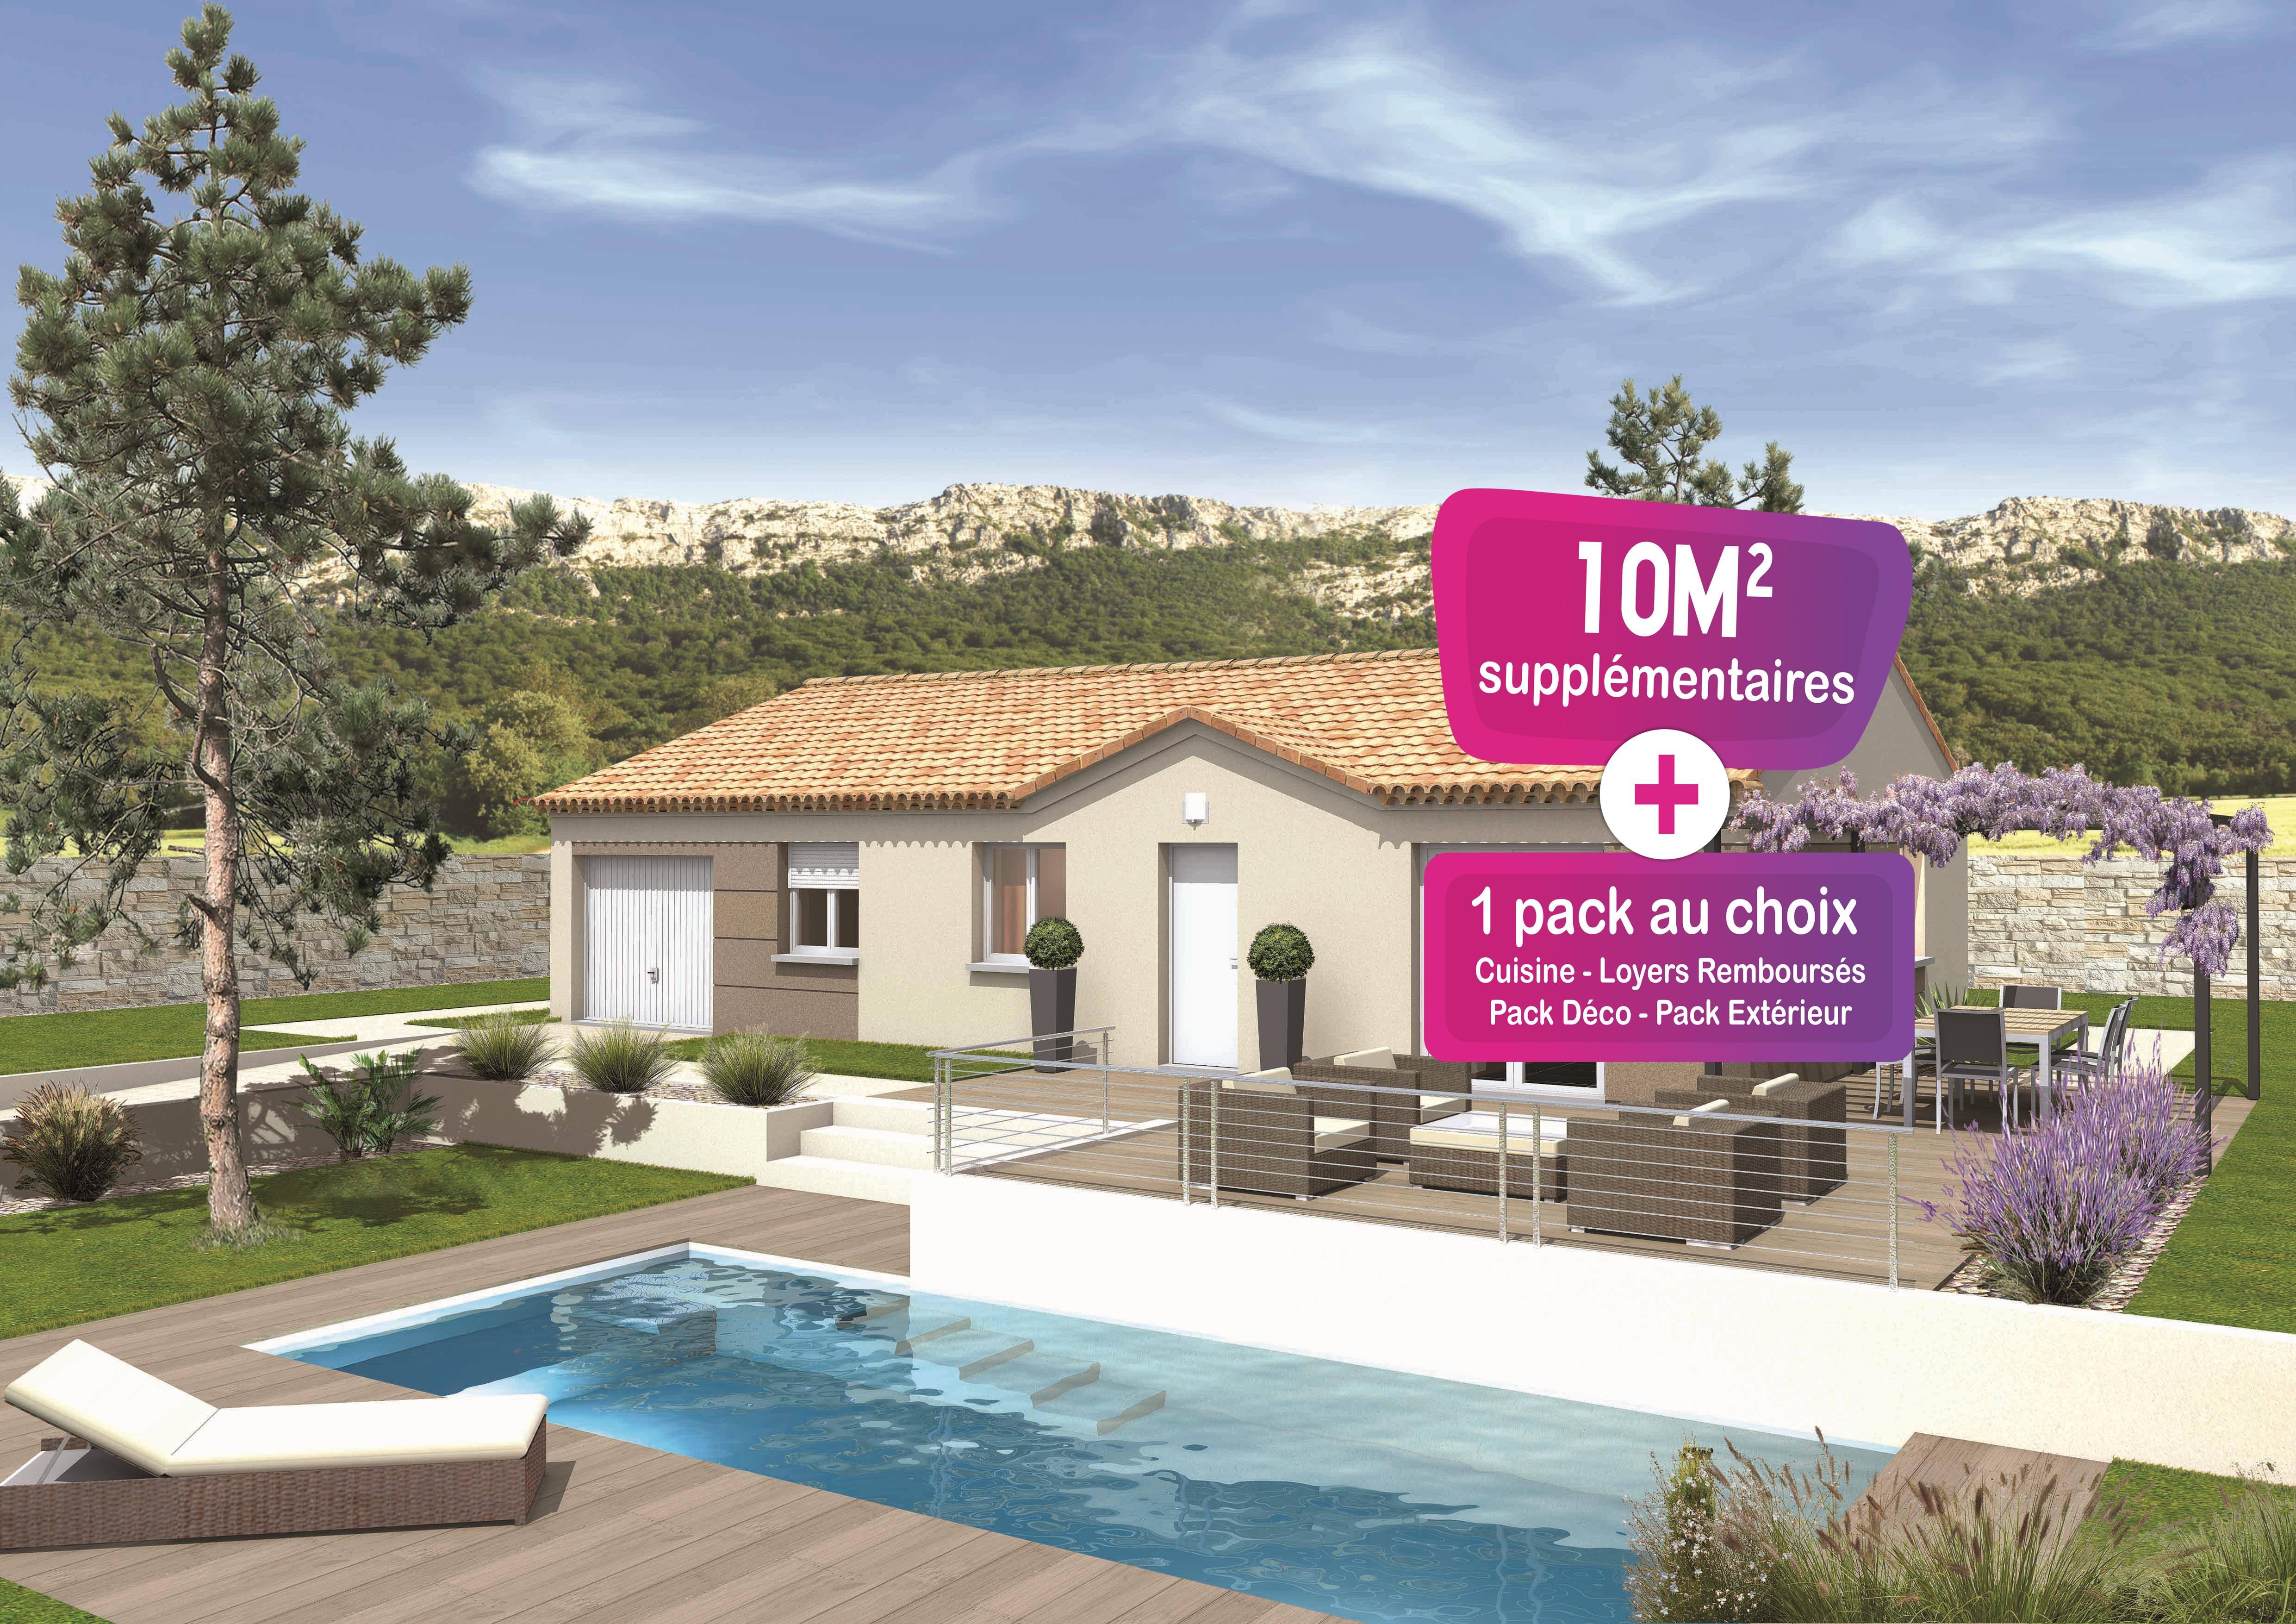 Maisons + Terrains du constructeur MAISONS PUNCH • 78 m² • BELLEGARDE